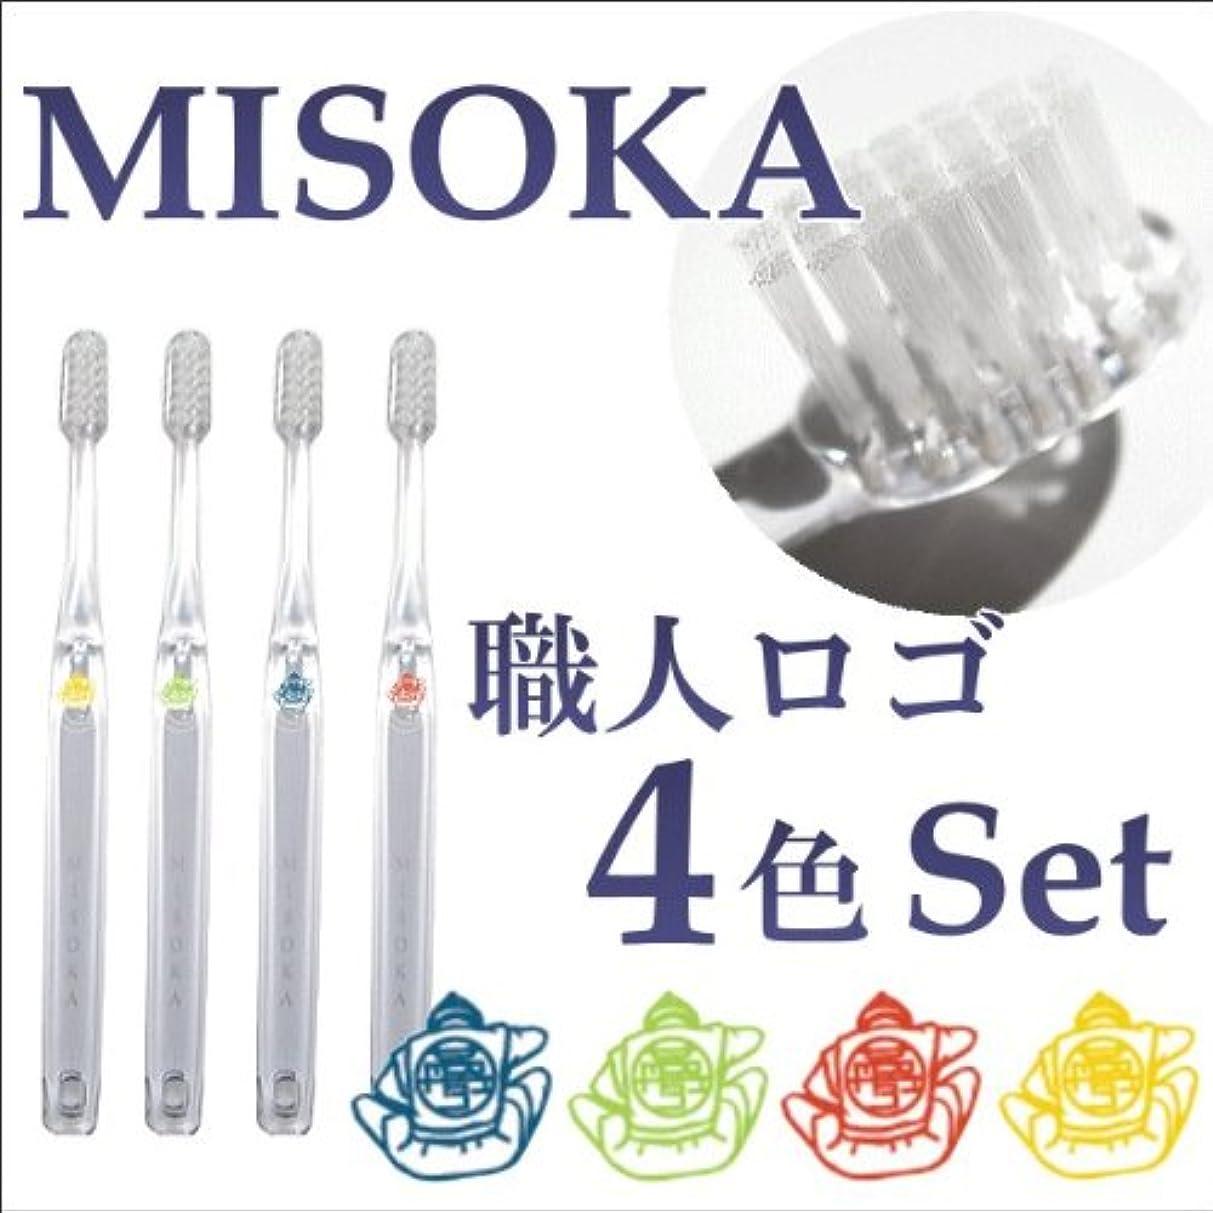 鉱石支援タイト「MISOKA」職人技の歯ブラシ ミソカ 職人ロゴ4色セット×2セット